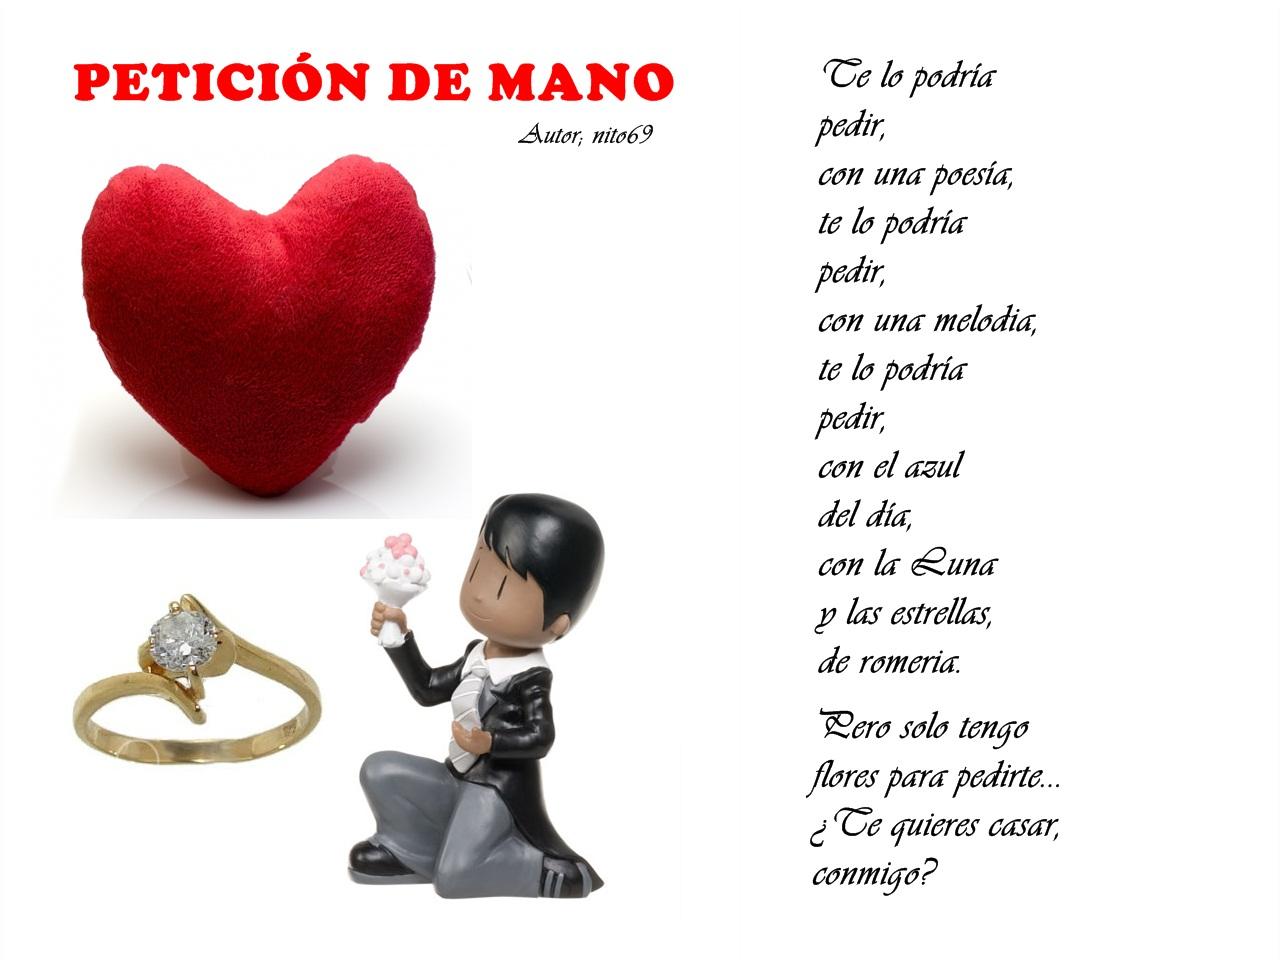 PETICIÓN DE MANO